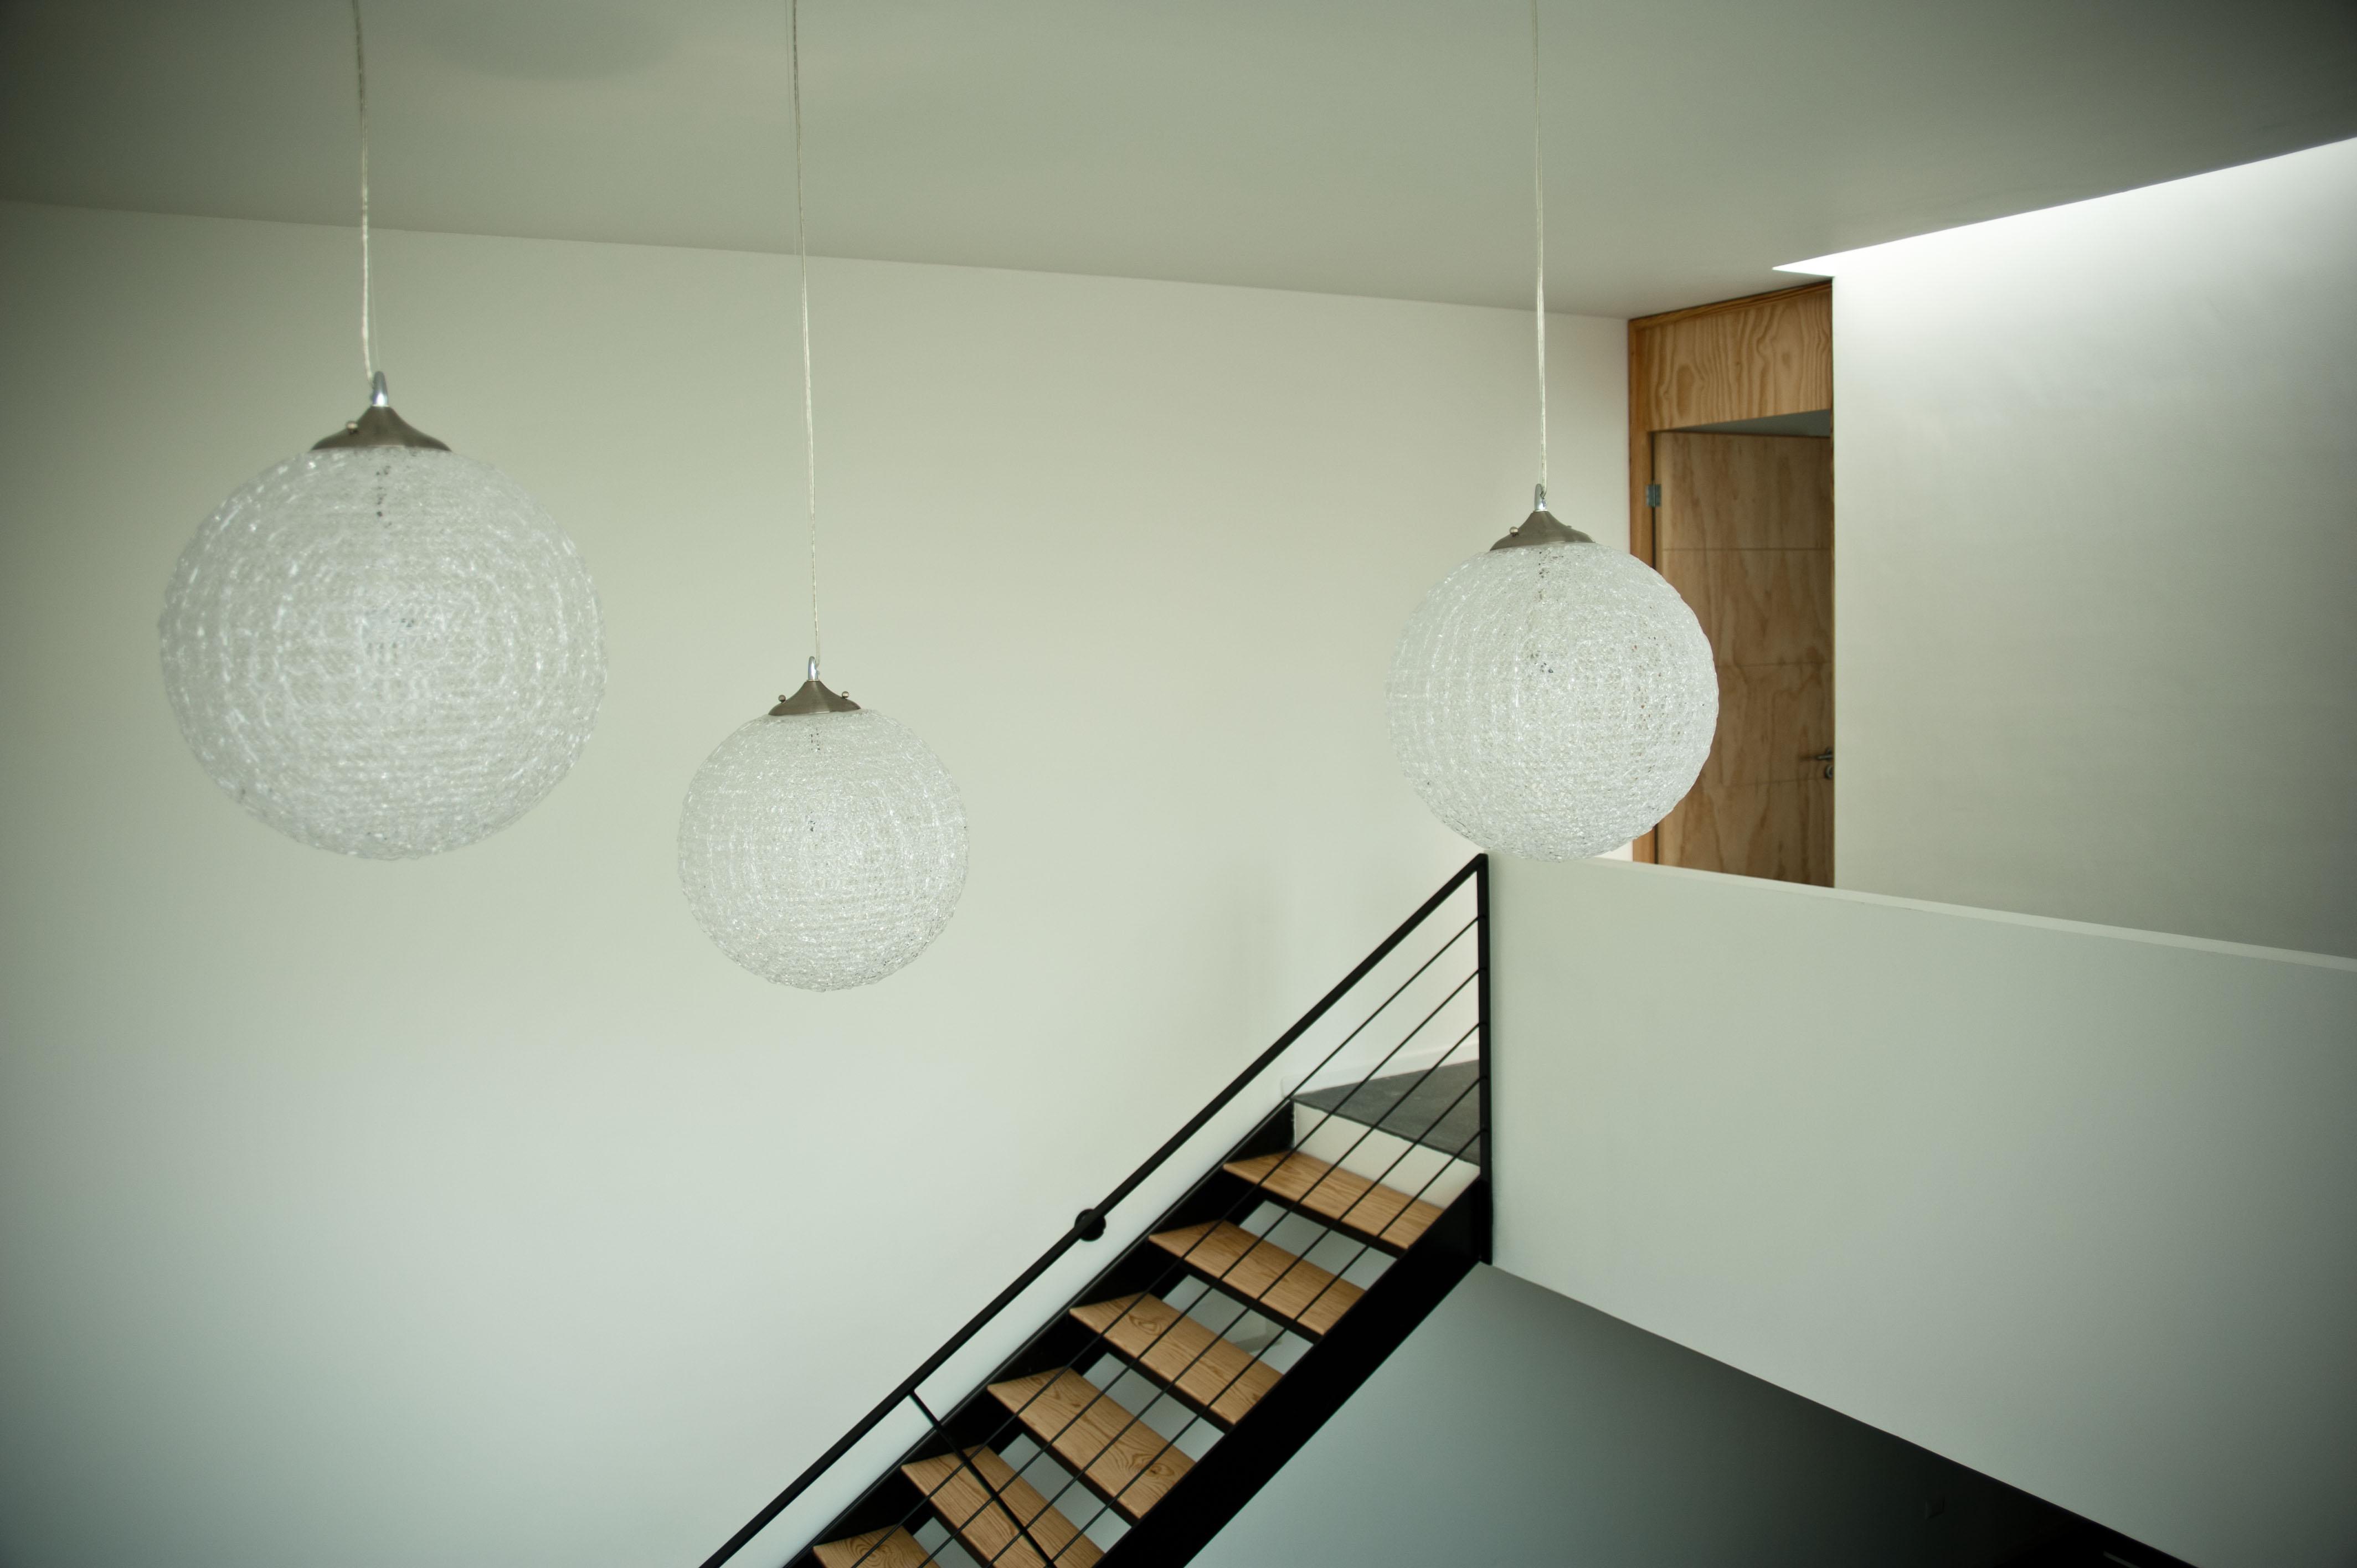 Casa de doble altura con escalera y faros modernos